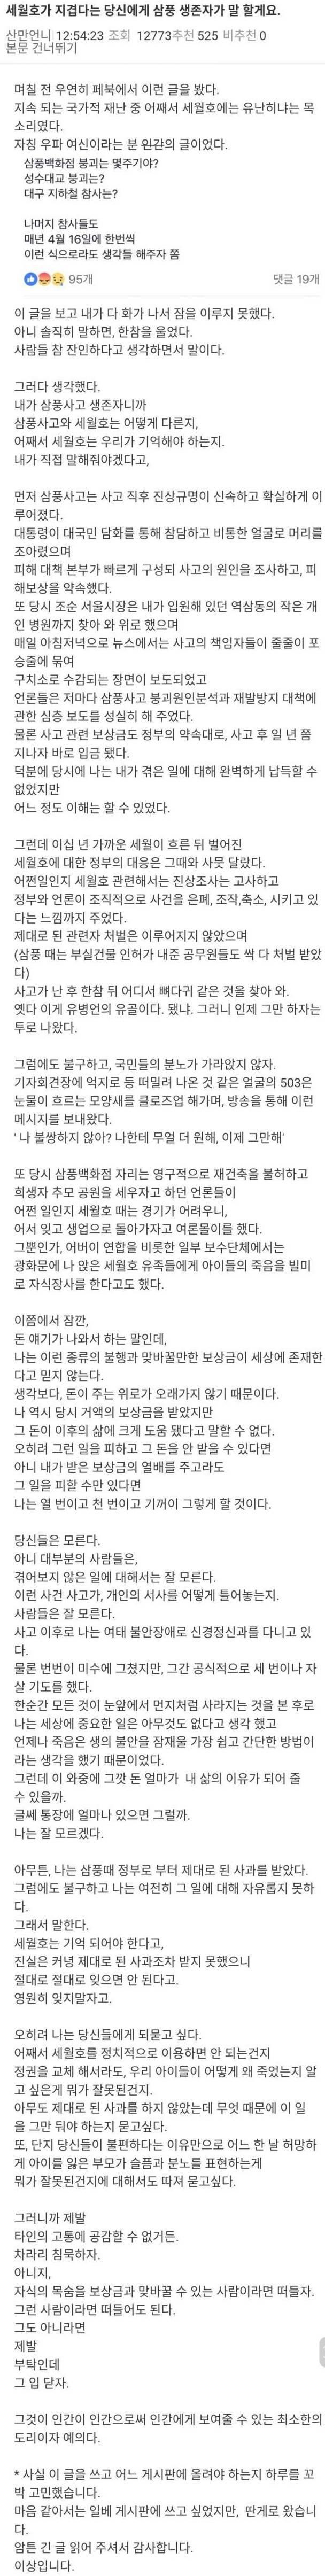 삼풍백화점 생존자가 말하는 세월호 사건 | 인스티즈